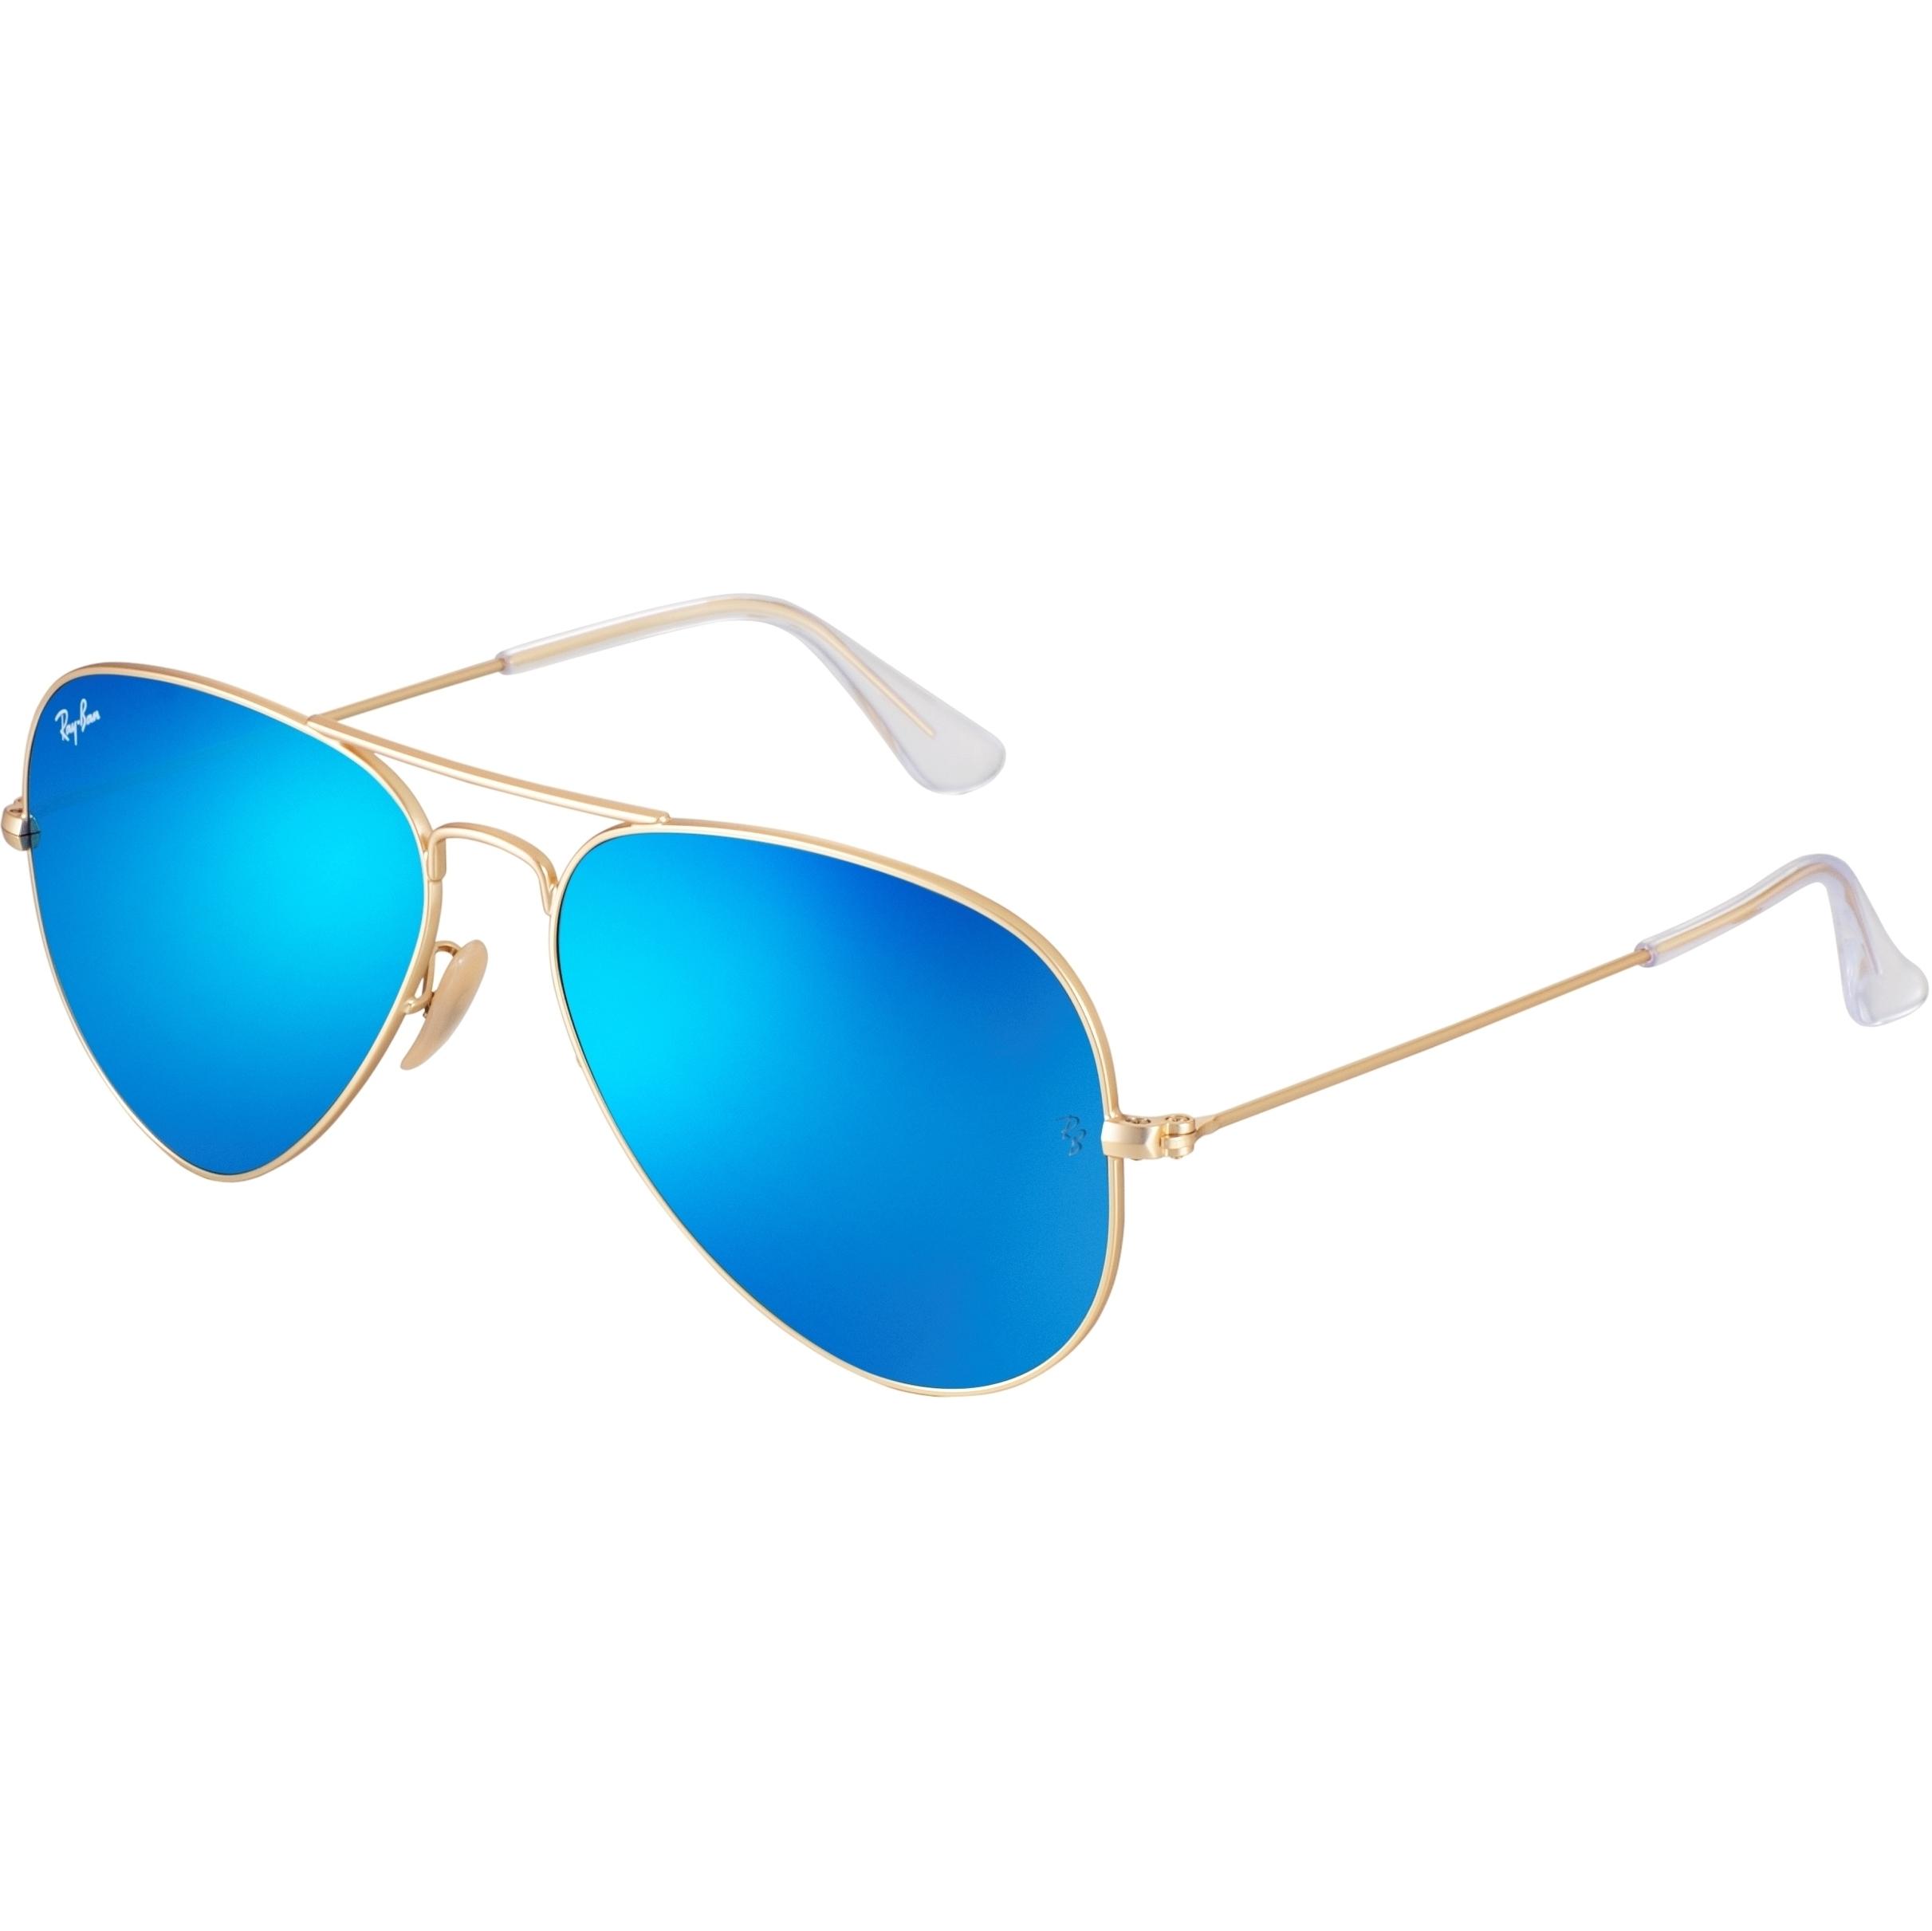 Óculos Ray Ban Aviador - Modelo Unissex com Armação Dourada e Lentes  Espelhadas Azul 1feea8d614